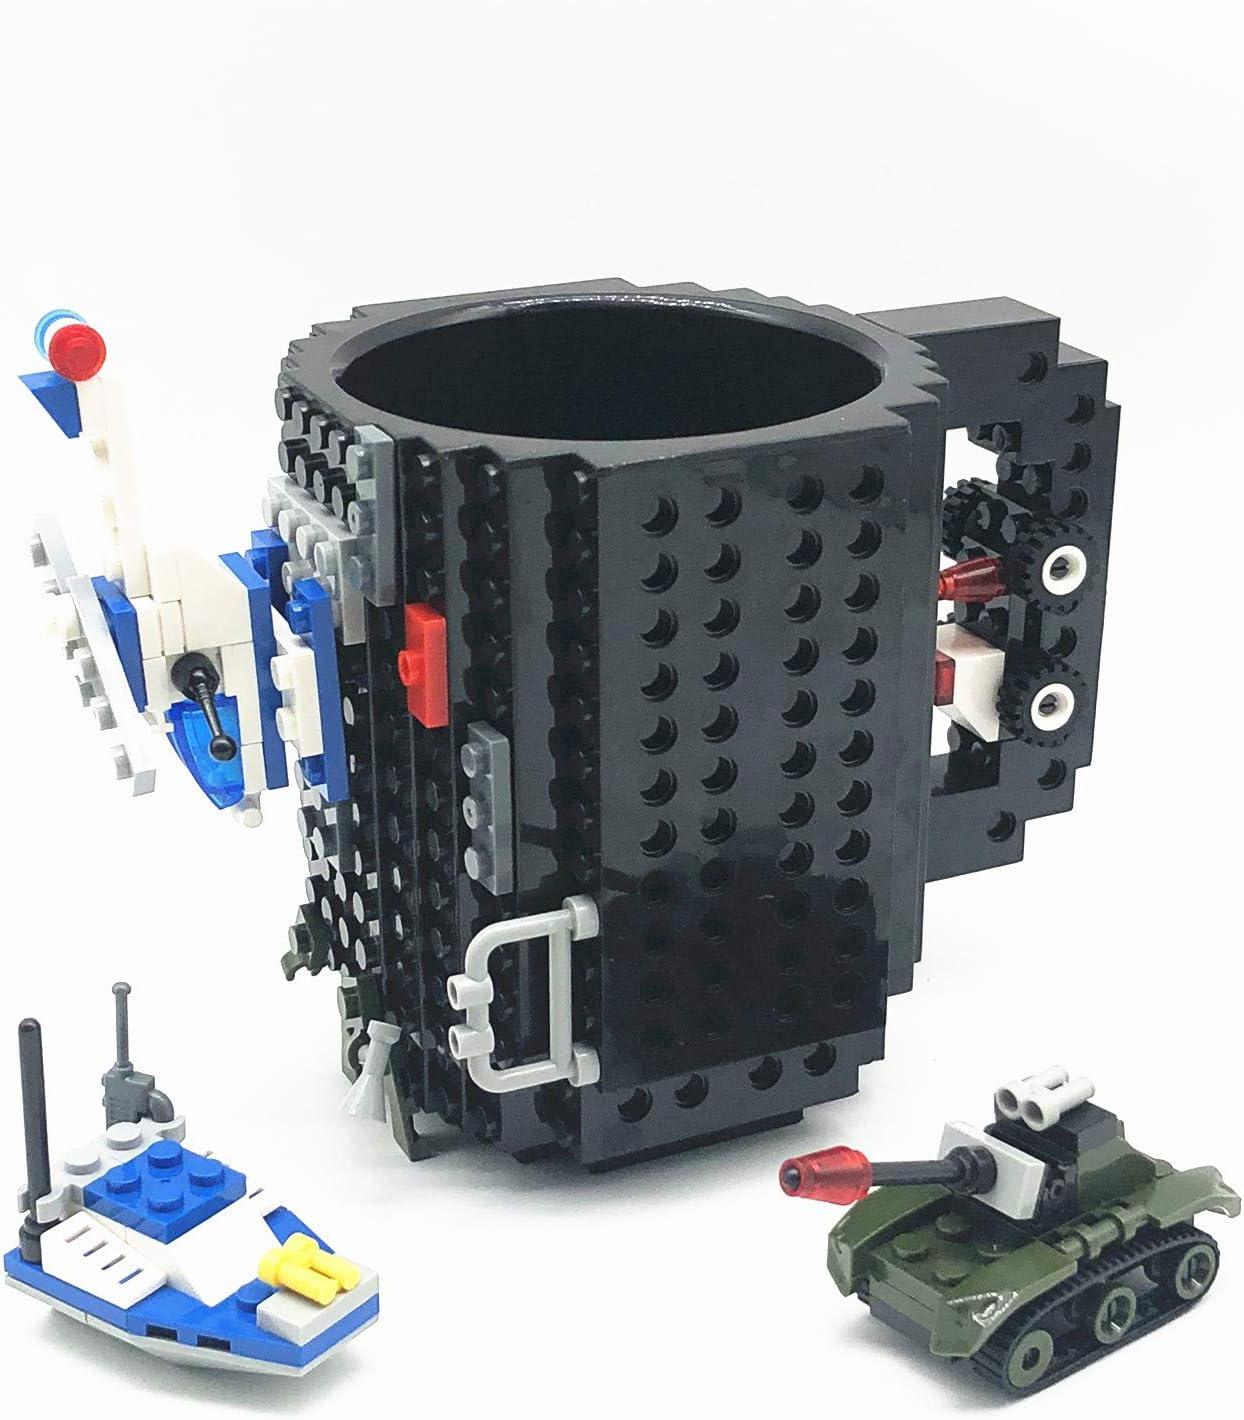 VANUODA Build-on Brick Mug, Tazas Desayuno, Regalos para Hombres Papá Él Amigos Niños Adulto, Originales Regalo Ideal para Navidad Pascua Dia del Padre Cumpleaños, Compatible con Lego (Negro)